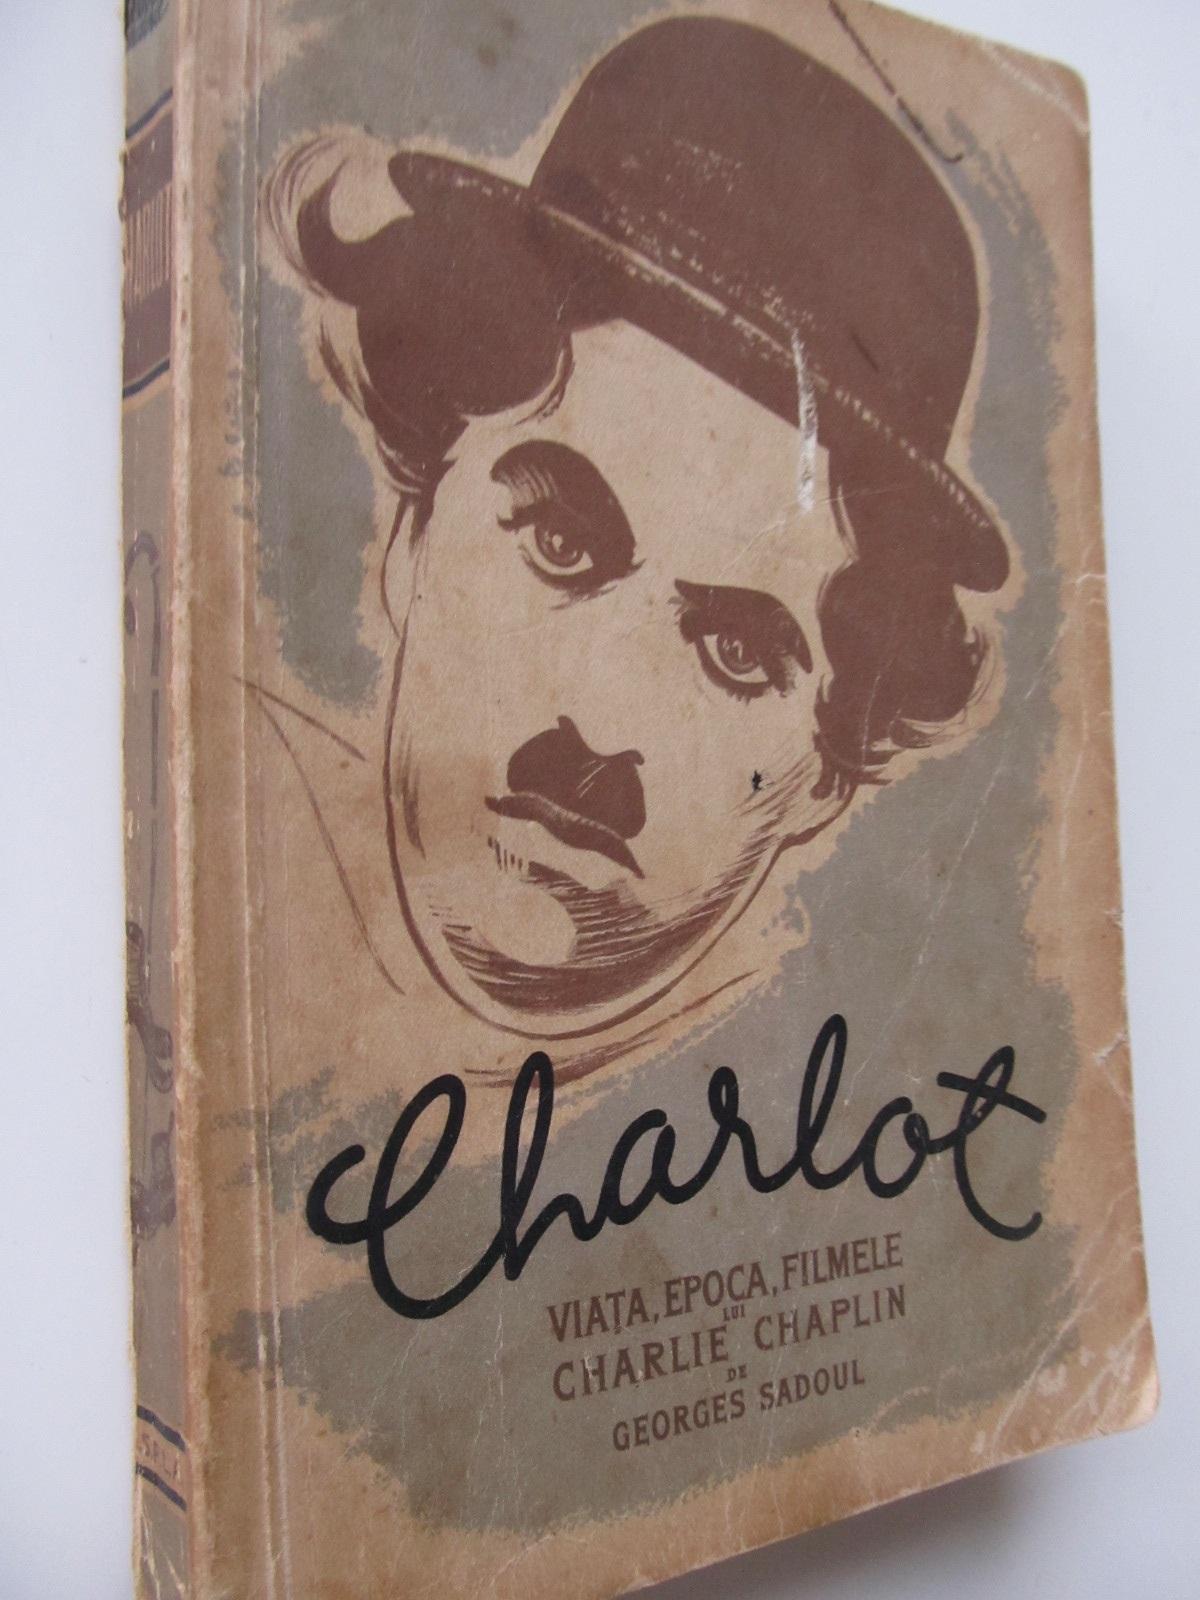 Charlot - Viata , epoca, filmele lui Charlie Chaplin - Georges Sadoul | Detalii carte